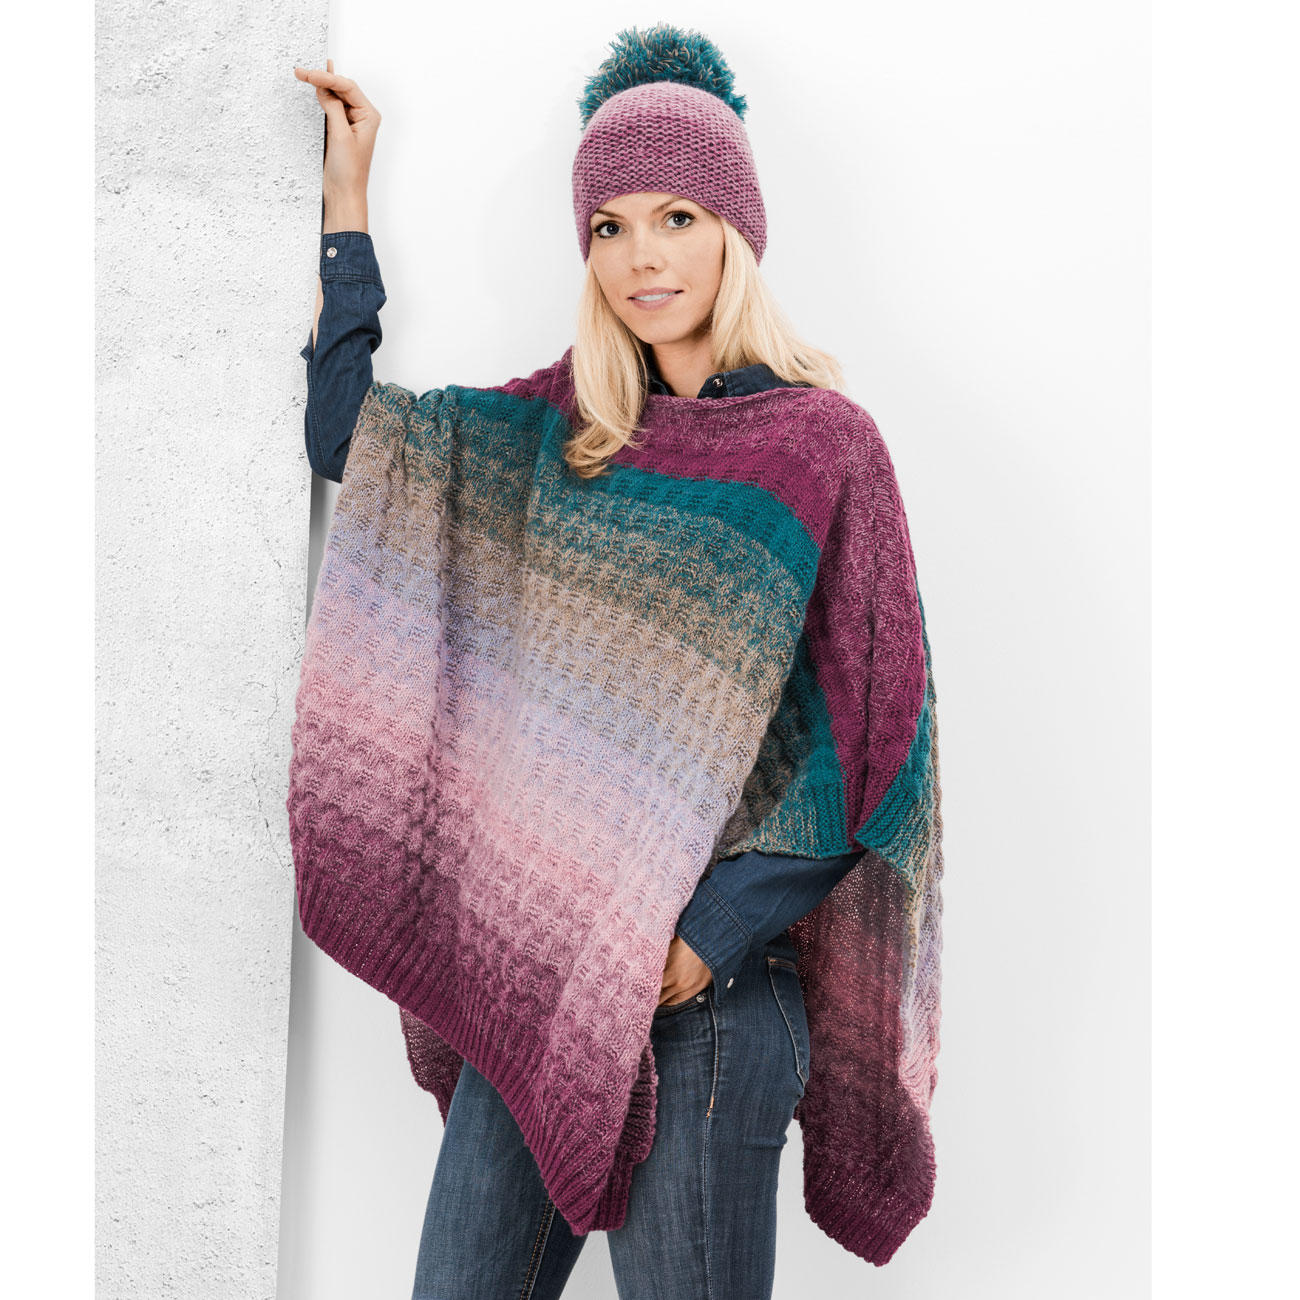 Anleitung 4408 Poncho Ca 104 X 68 Cm Aus Creative Wool Dégradé